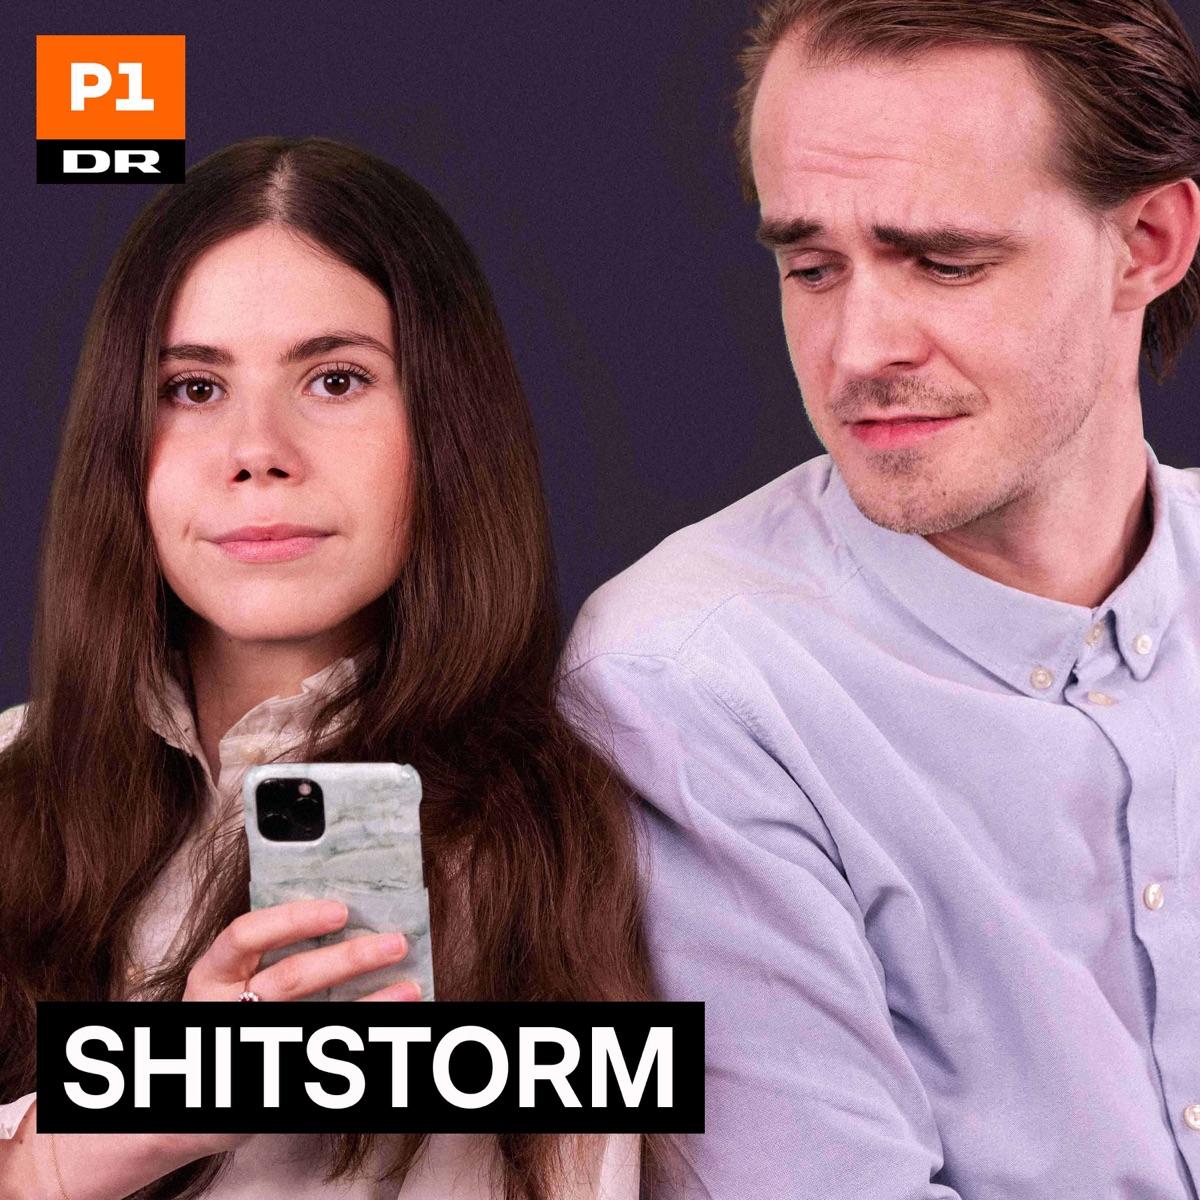 Shitstorm: Digitale Corona-myter, sugardating og kvindefjendtlige hadbeskeder - 7. mar 2020